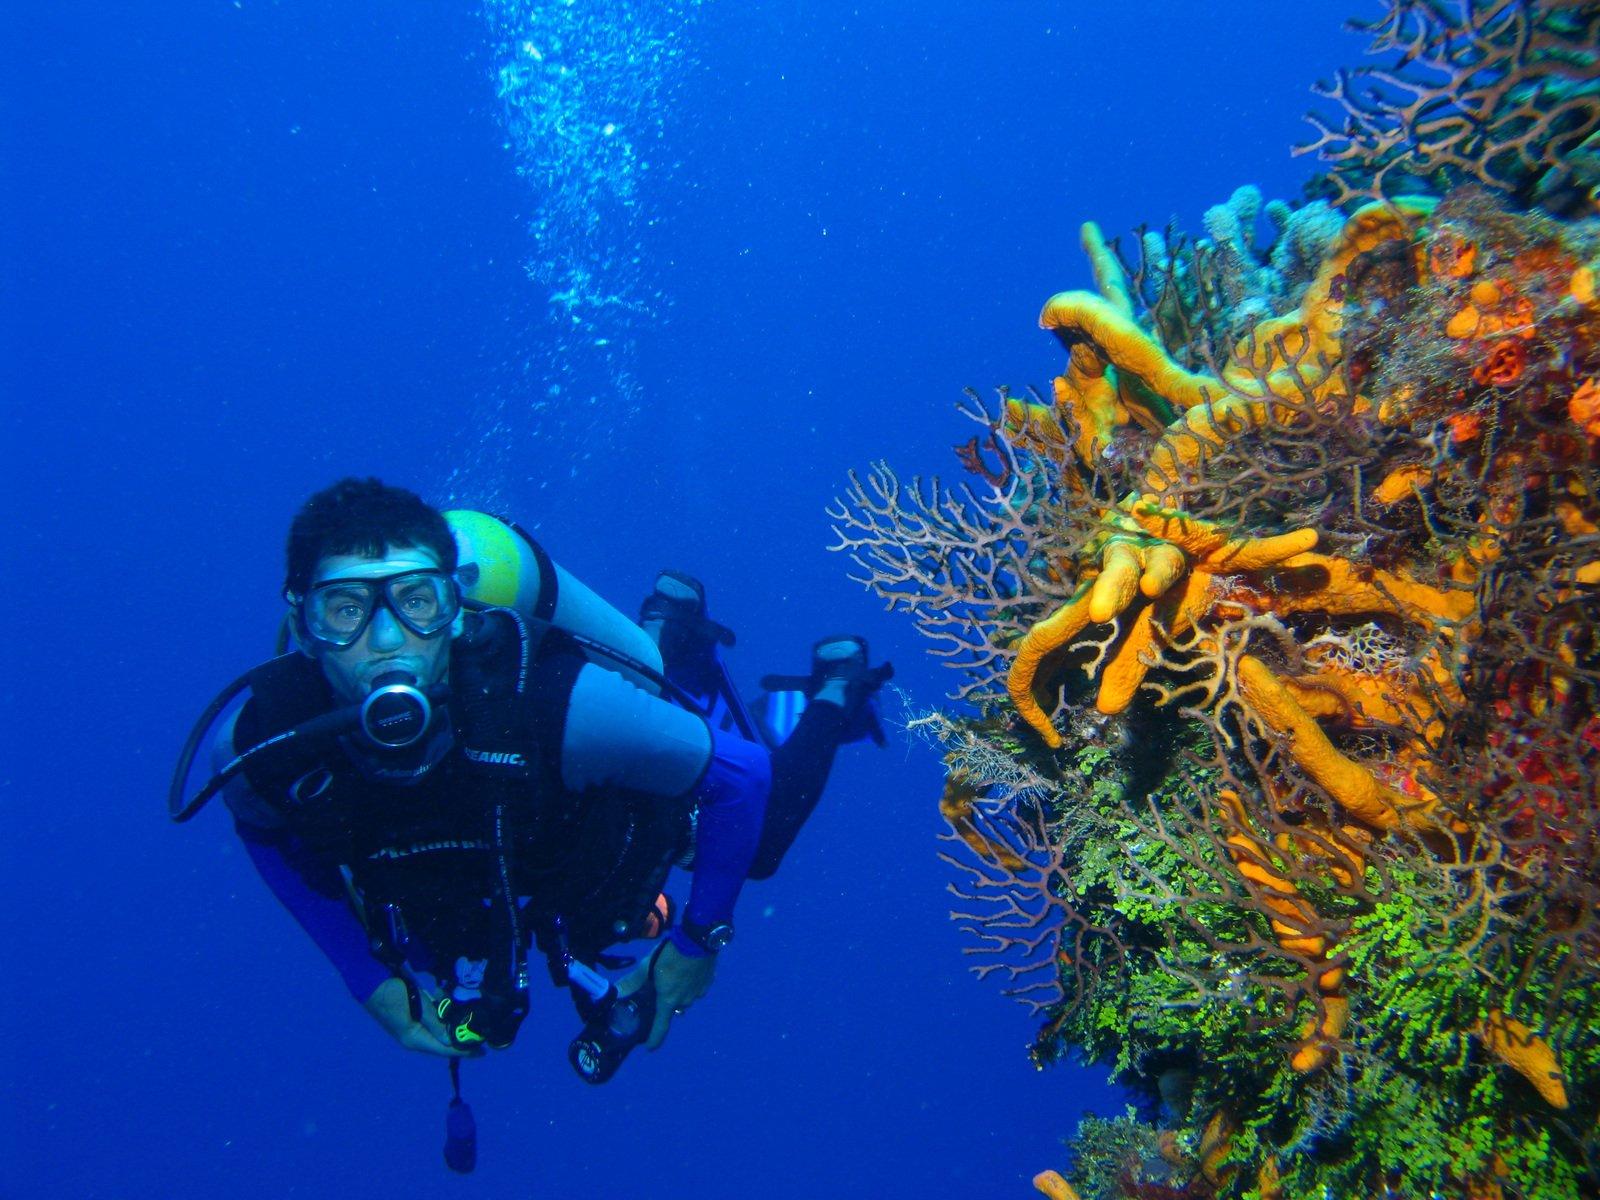 muta subacqueo